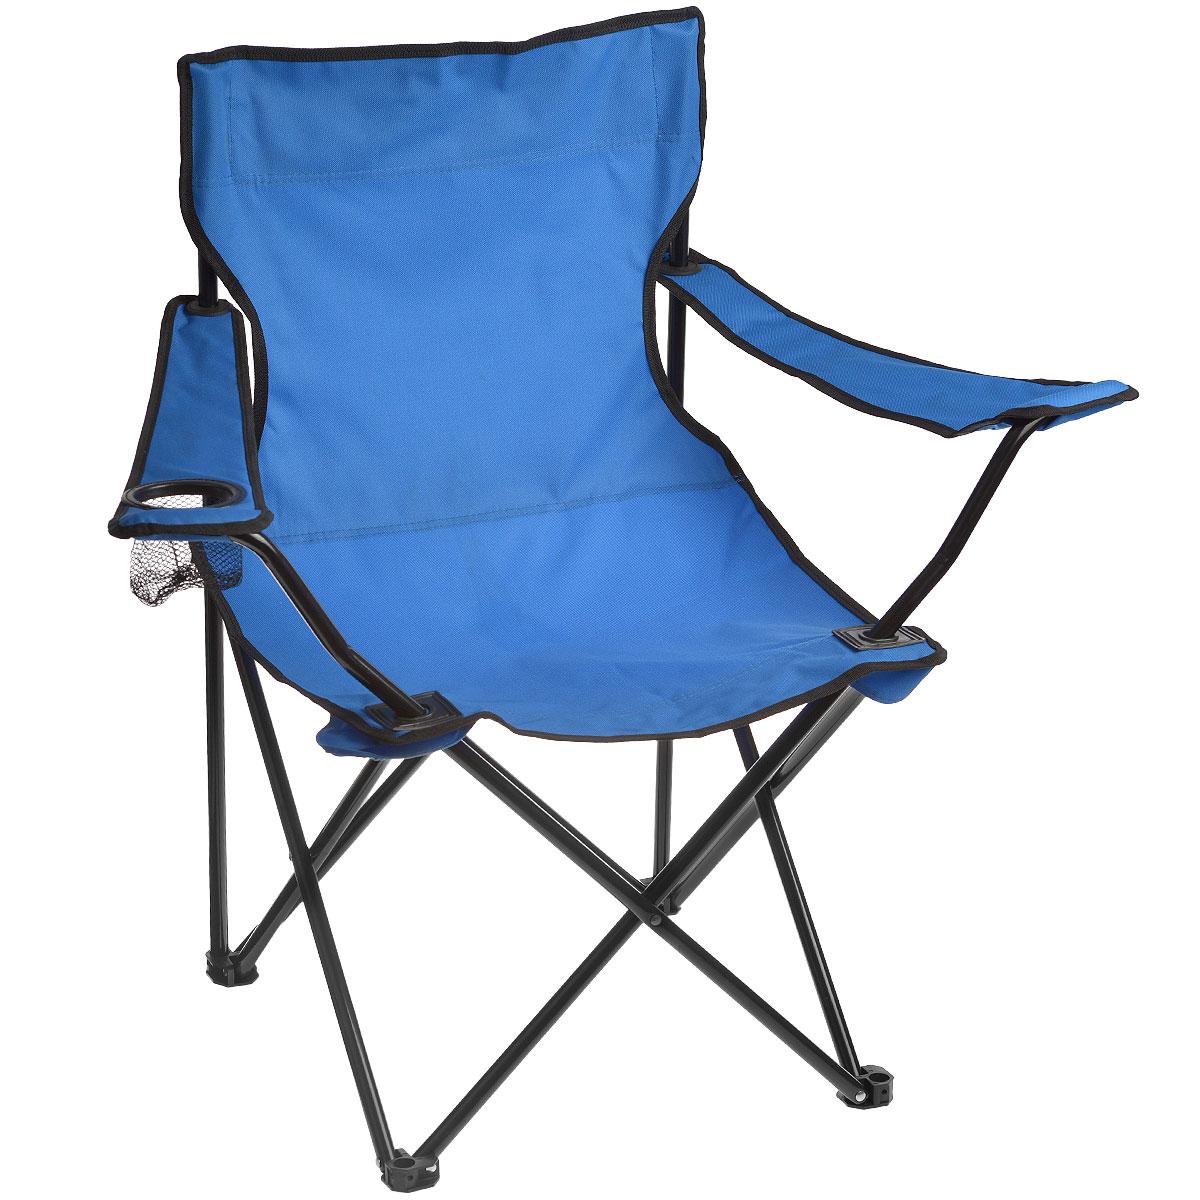 Кресло складное Happy CamperЛК-705Кресло складное Happy Camper - это незаменимый предмет походной мебели, очень удобен в эксплуатации. Каркас кресла изготовлен из стали с порошковым покрытием. Кресло легко собирается и разбирается и не занимает много места, поэтому подходит для транспортировки и хранения дома.